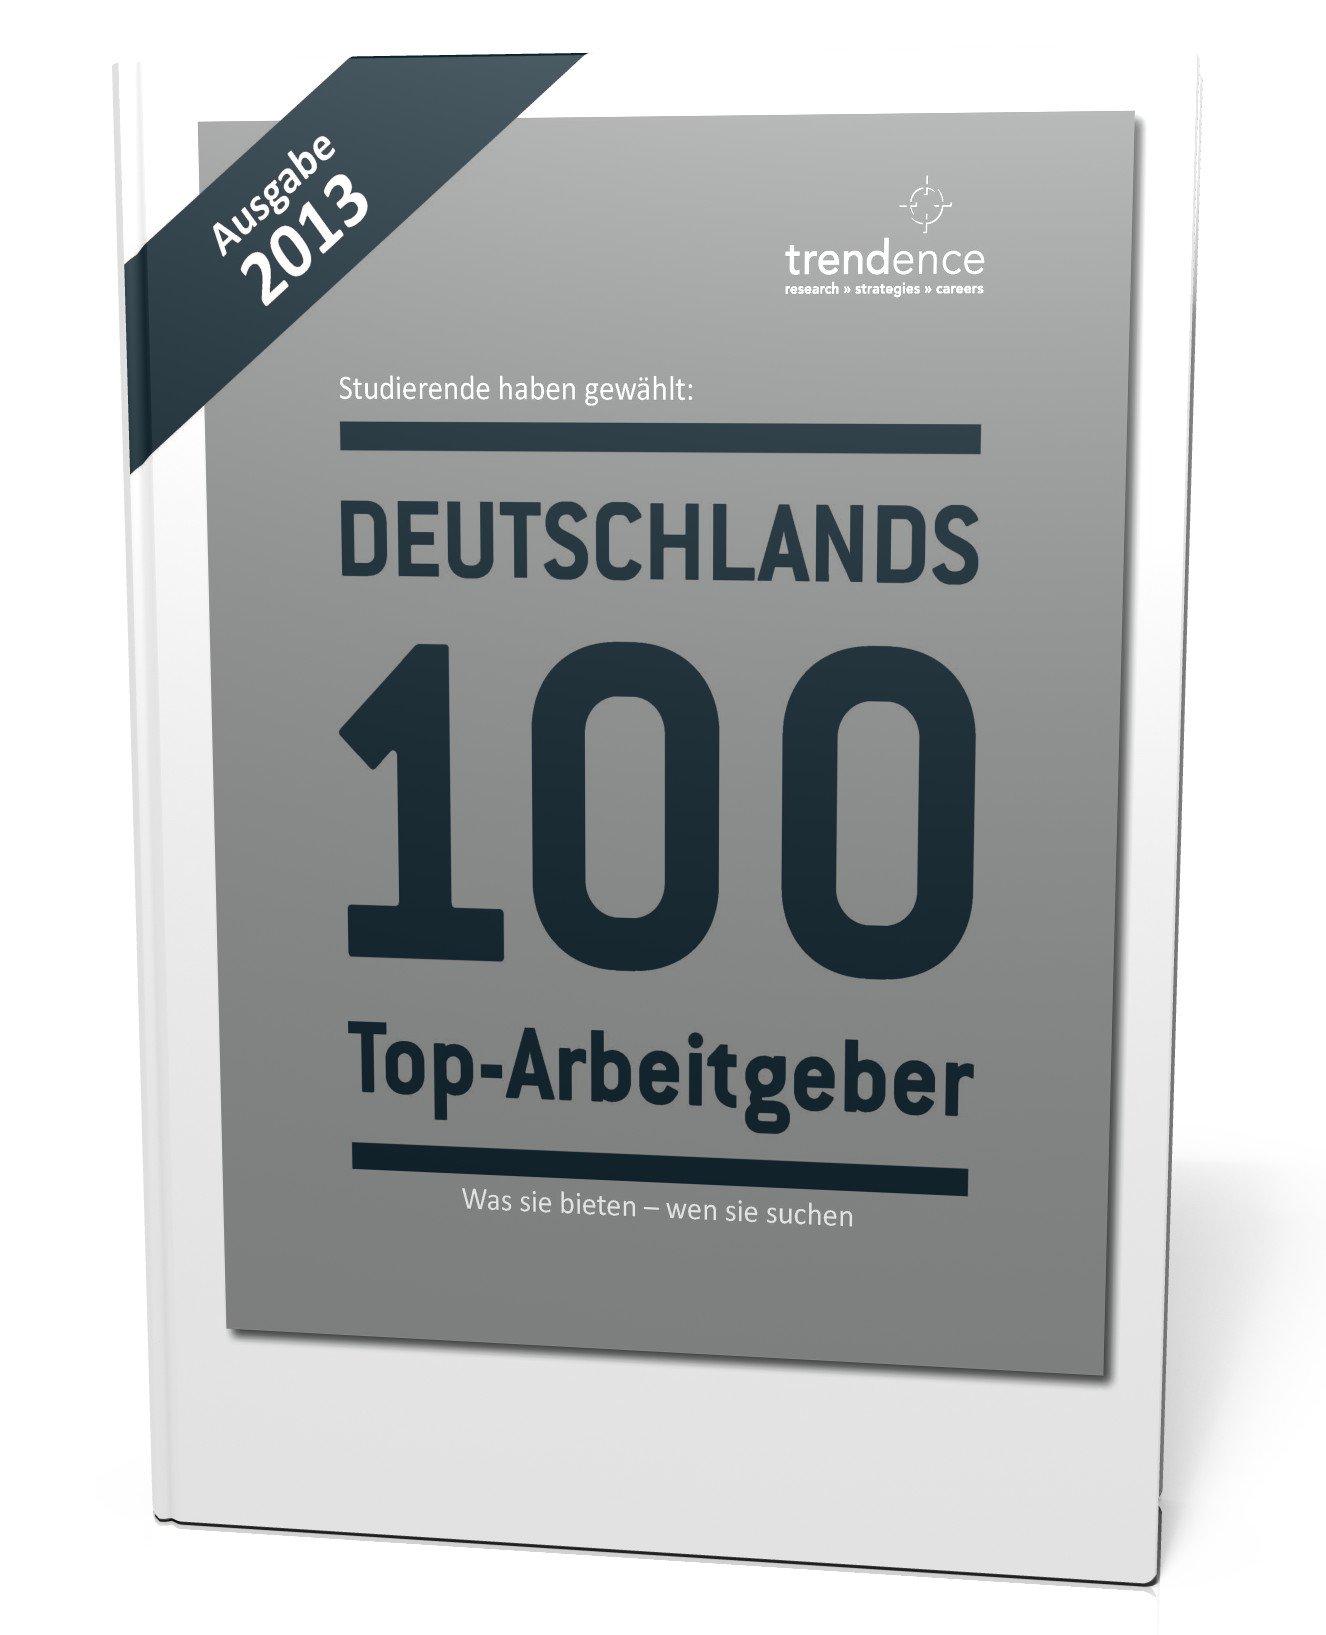 Deutschlands 100 Top-Arbeitgeber (Ausgabe 2013): Was sie bieten - wen sie suchen